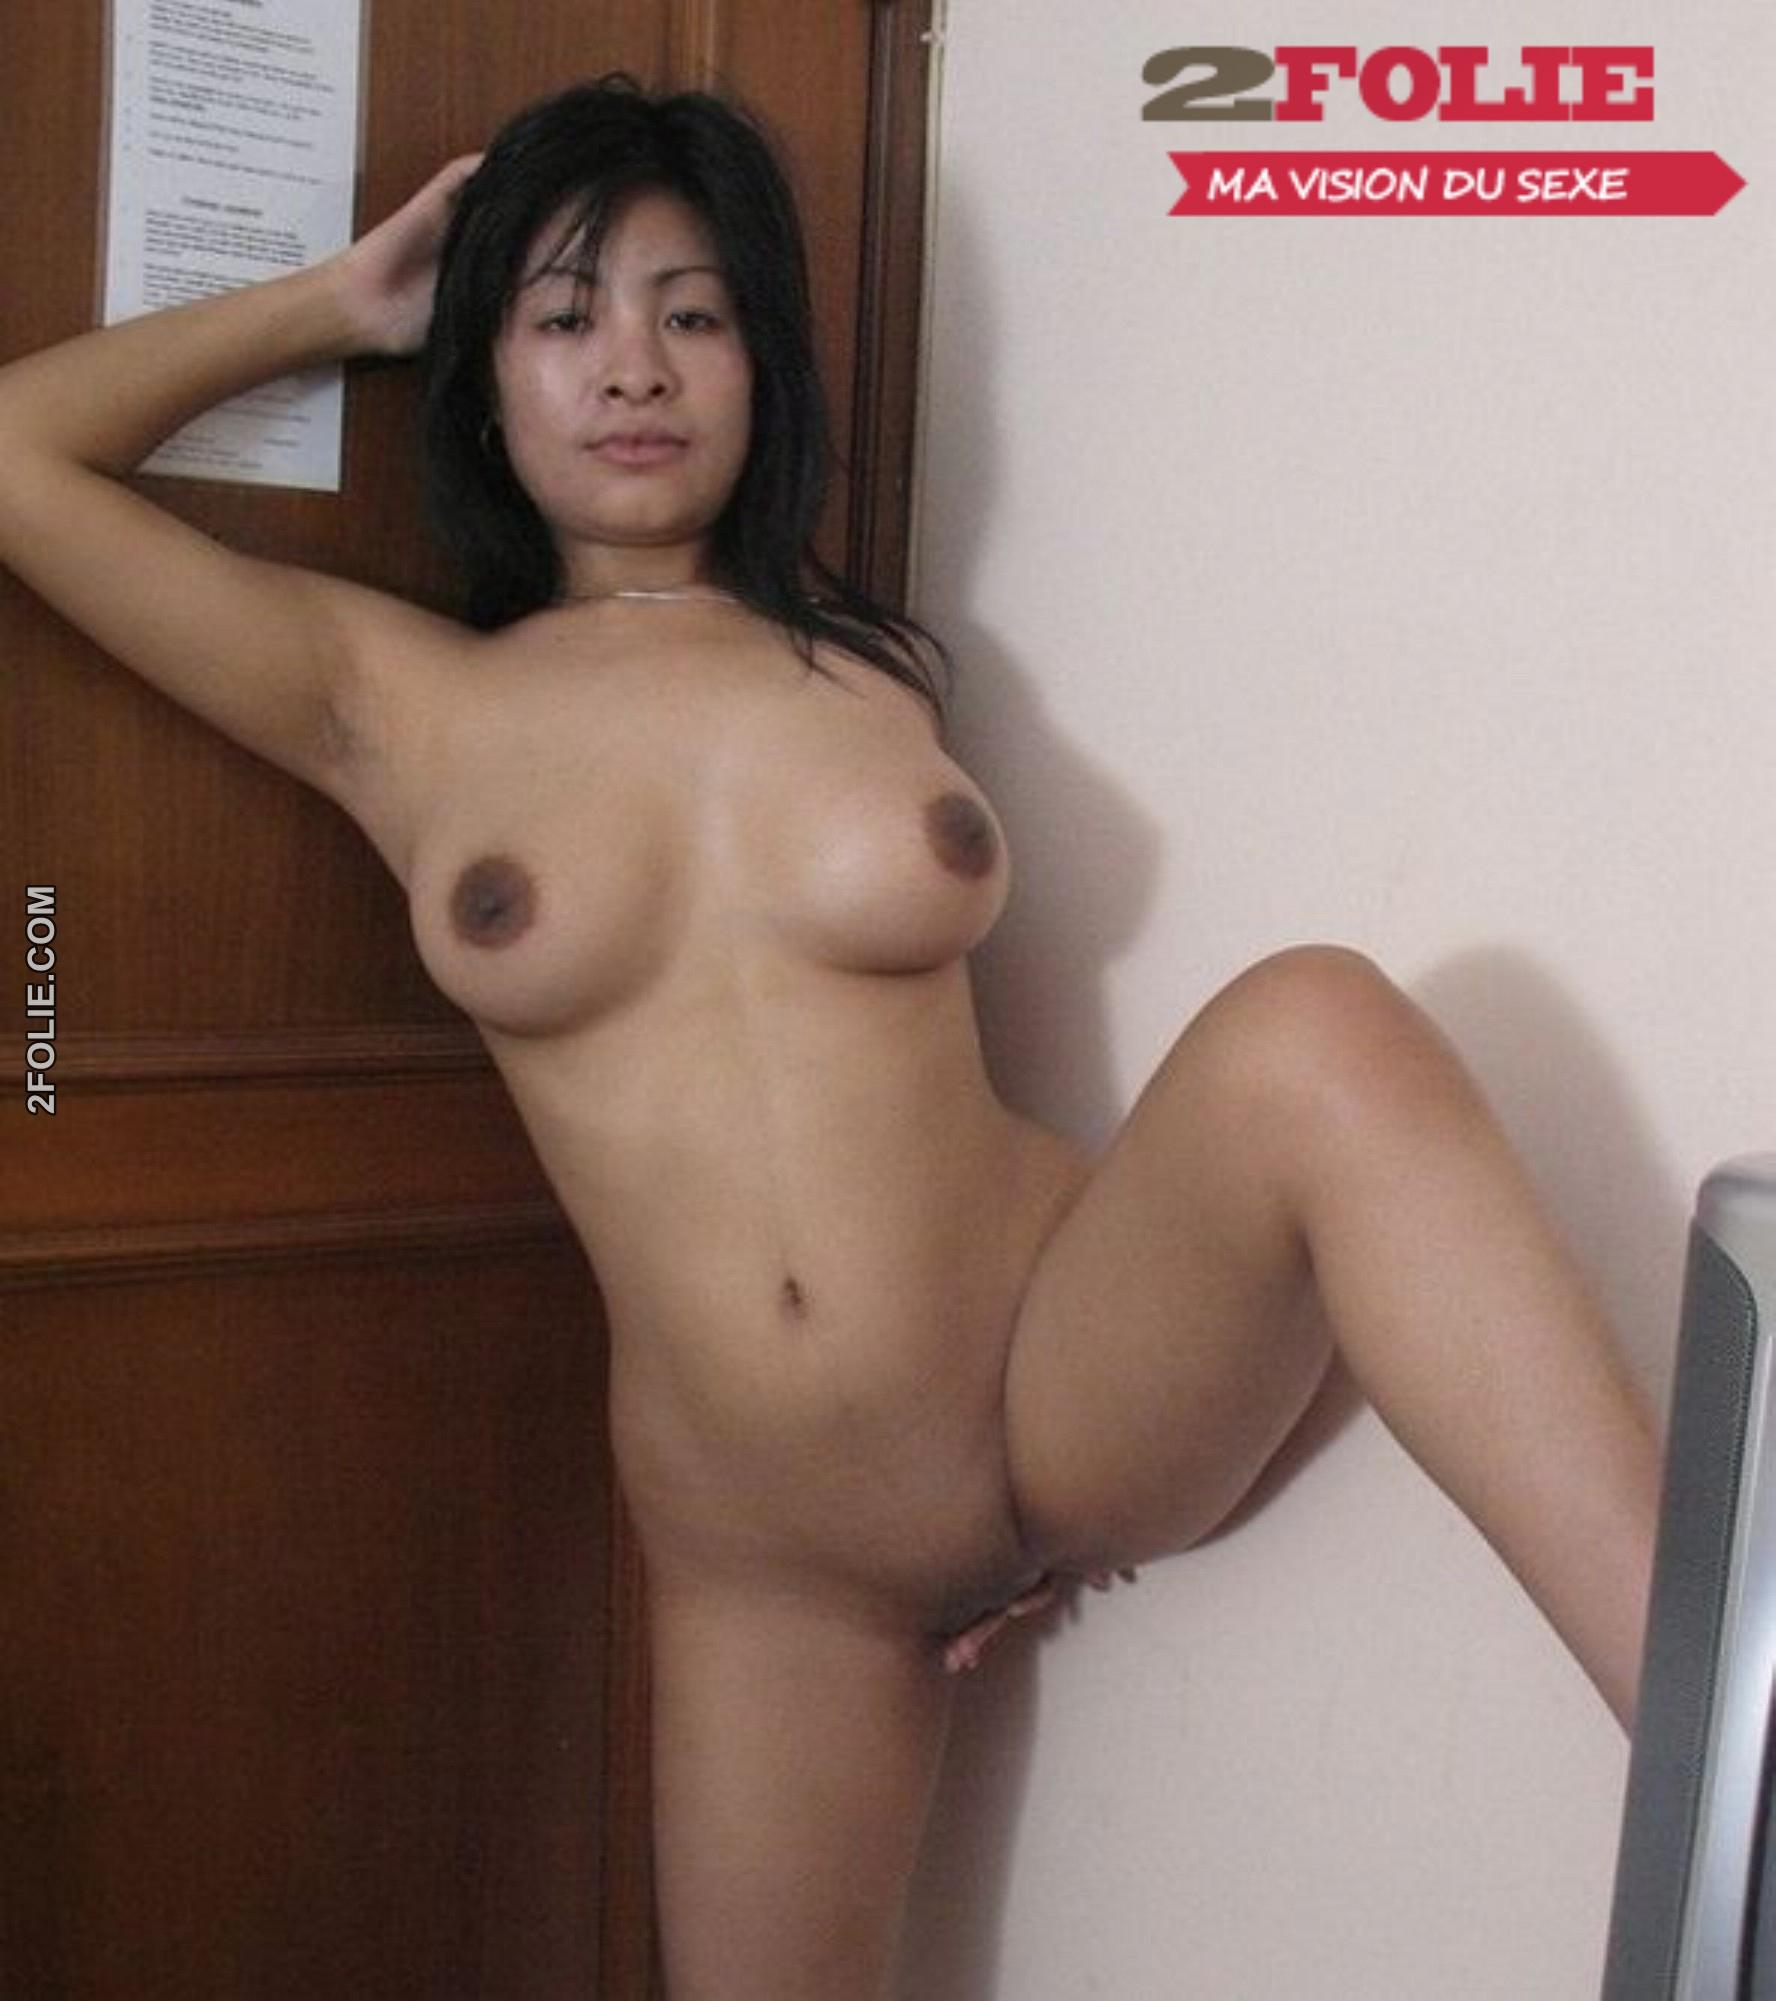 Femmes Asiatiques Avec Des Gros Seins